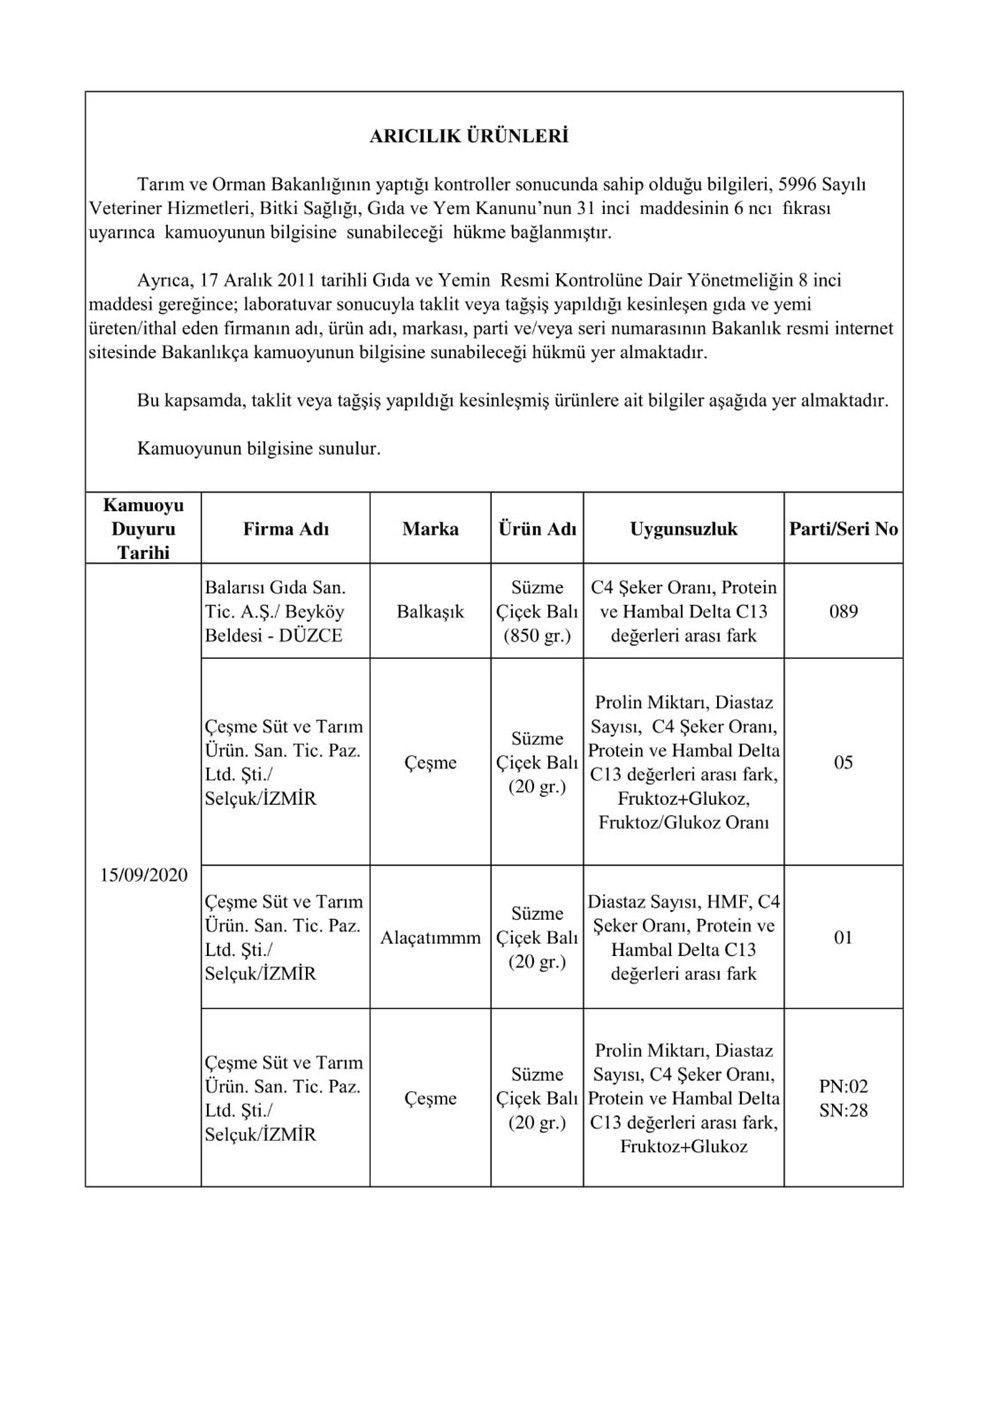 Tarım ve Orman Bakanlığı hileli gıdaların listesini tek tek açıkladı - Sayfa 3